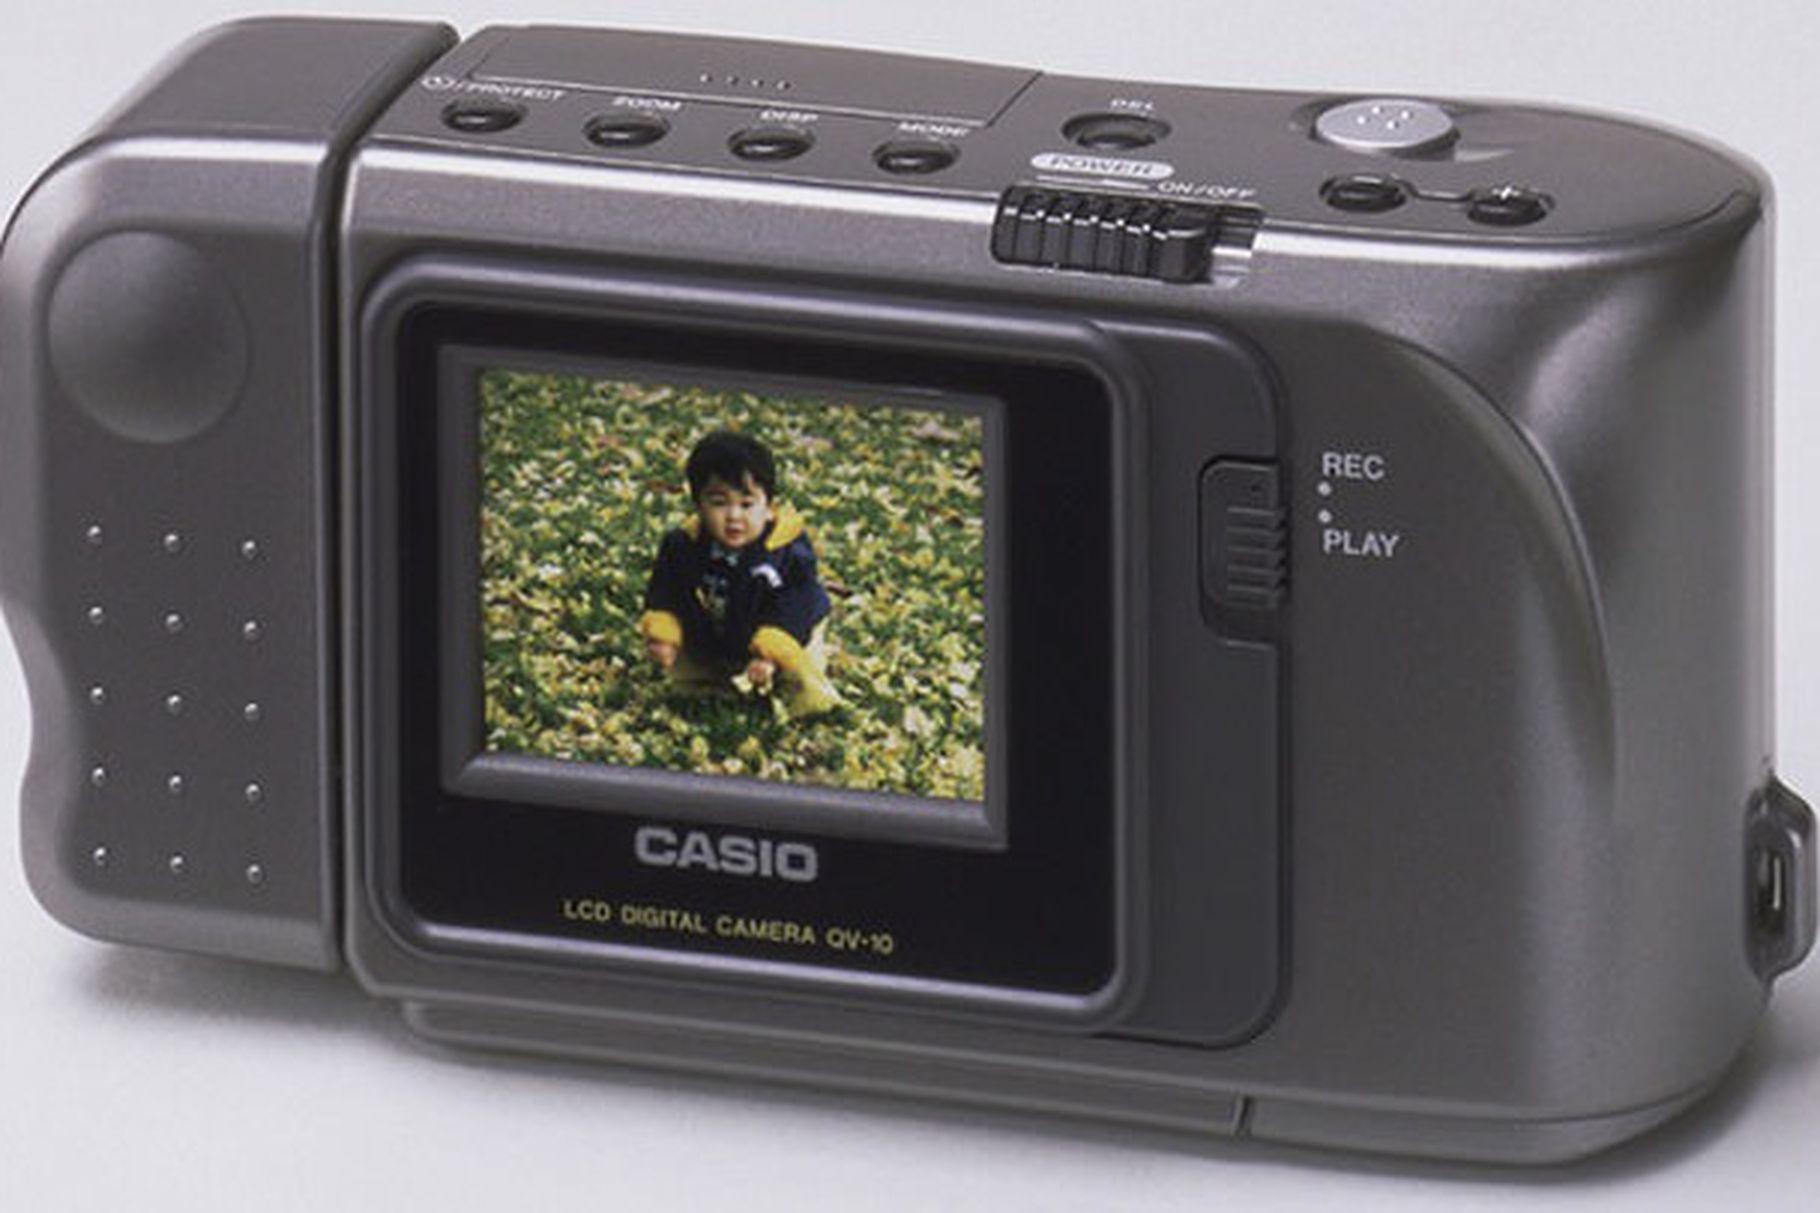 Casio digital camera 1995